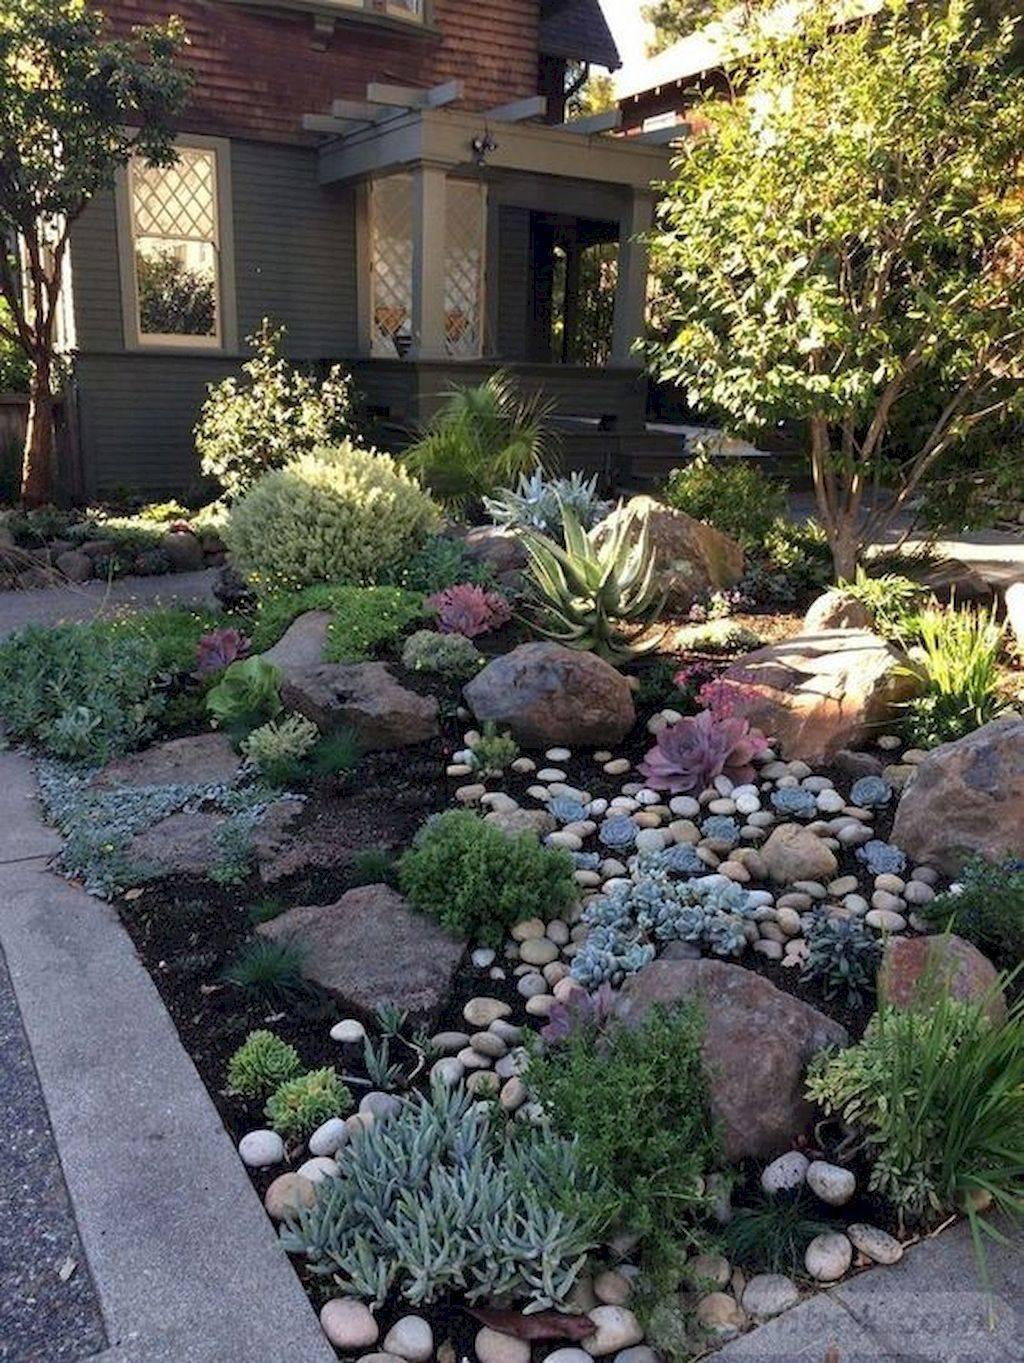 diy easy garden ideas-422705115024356778